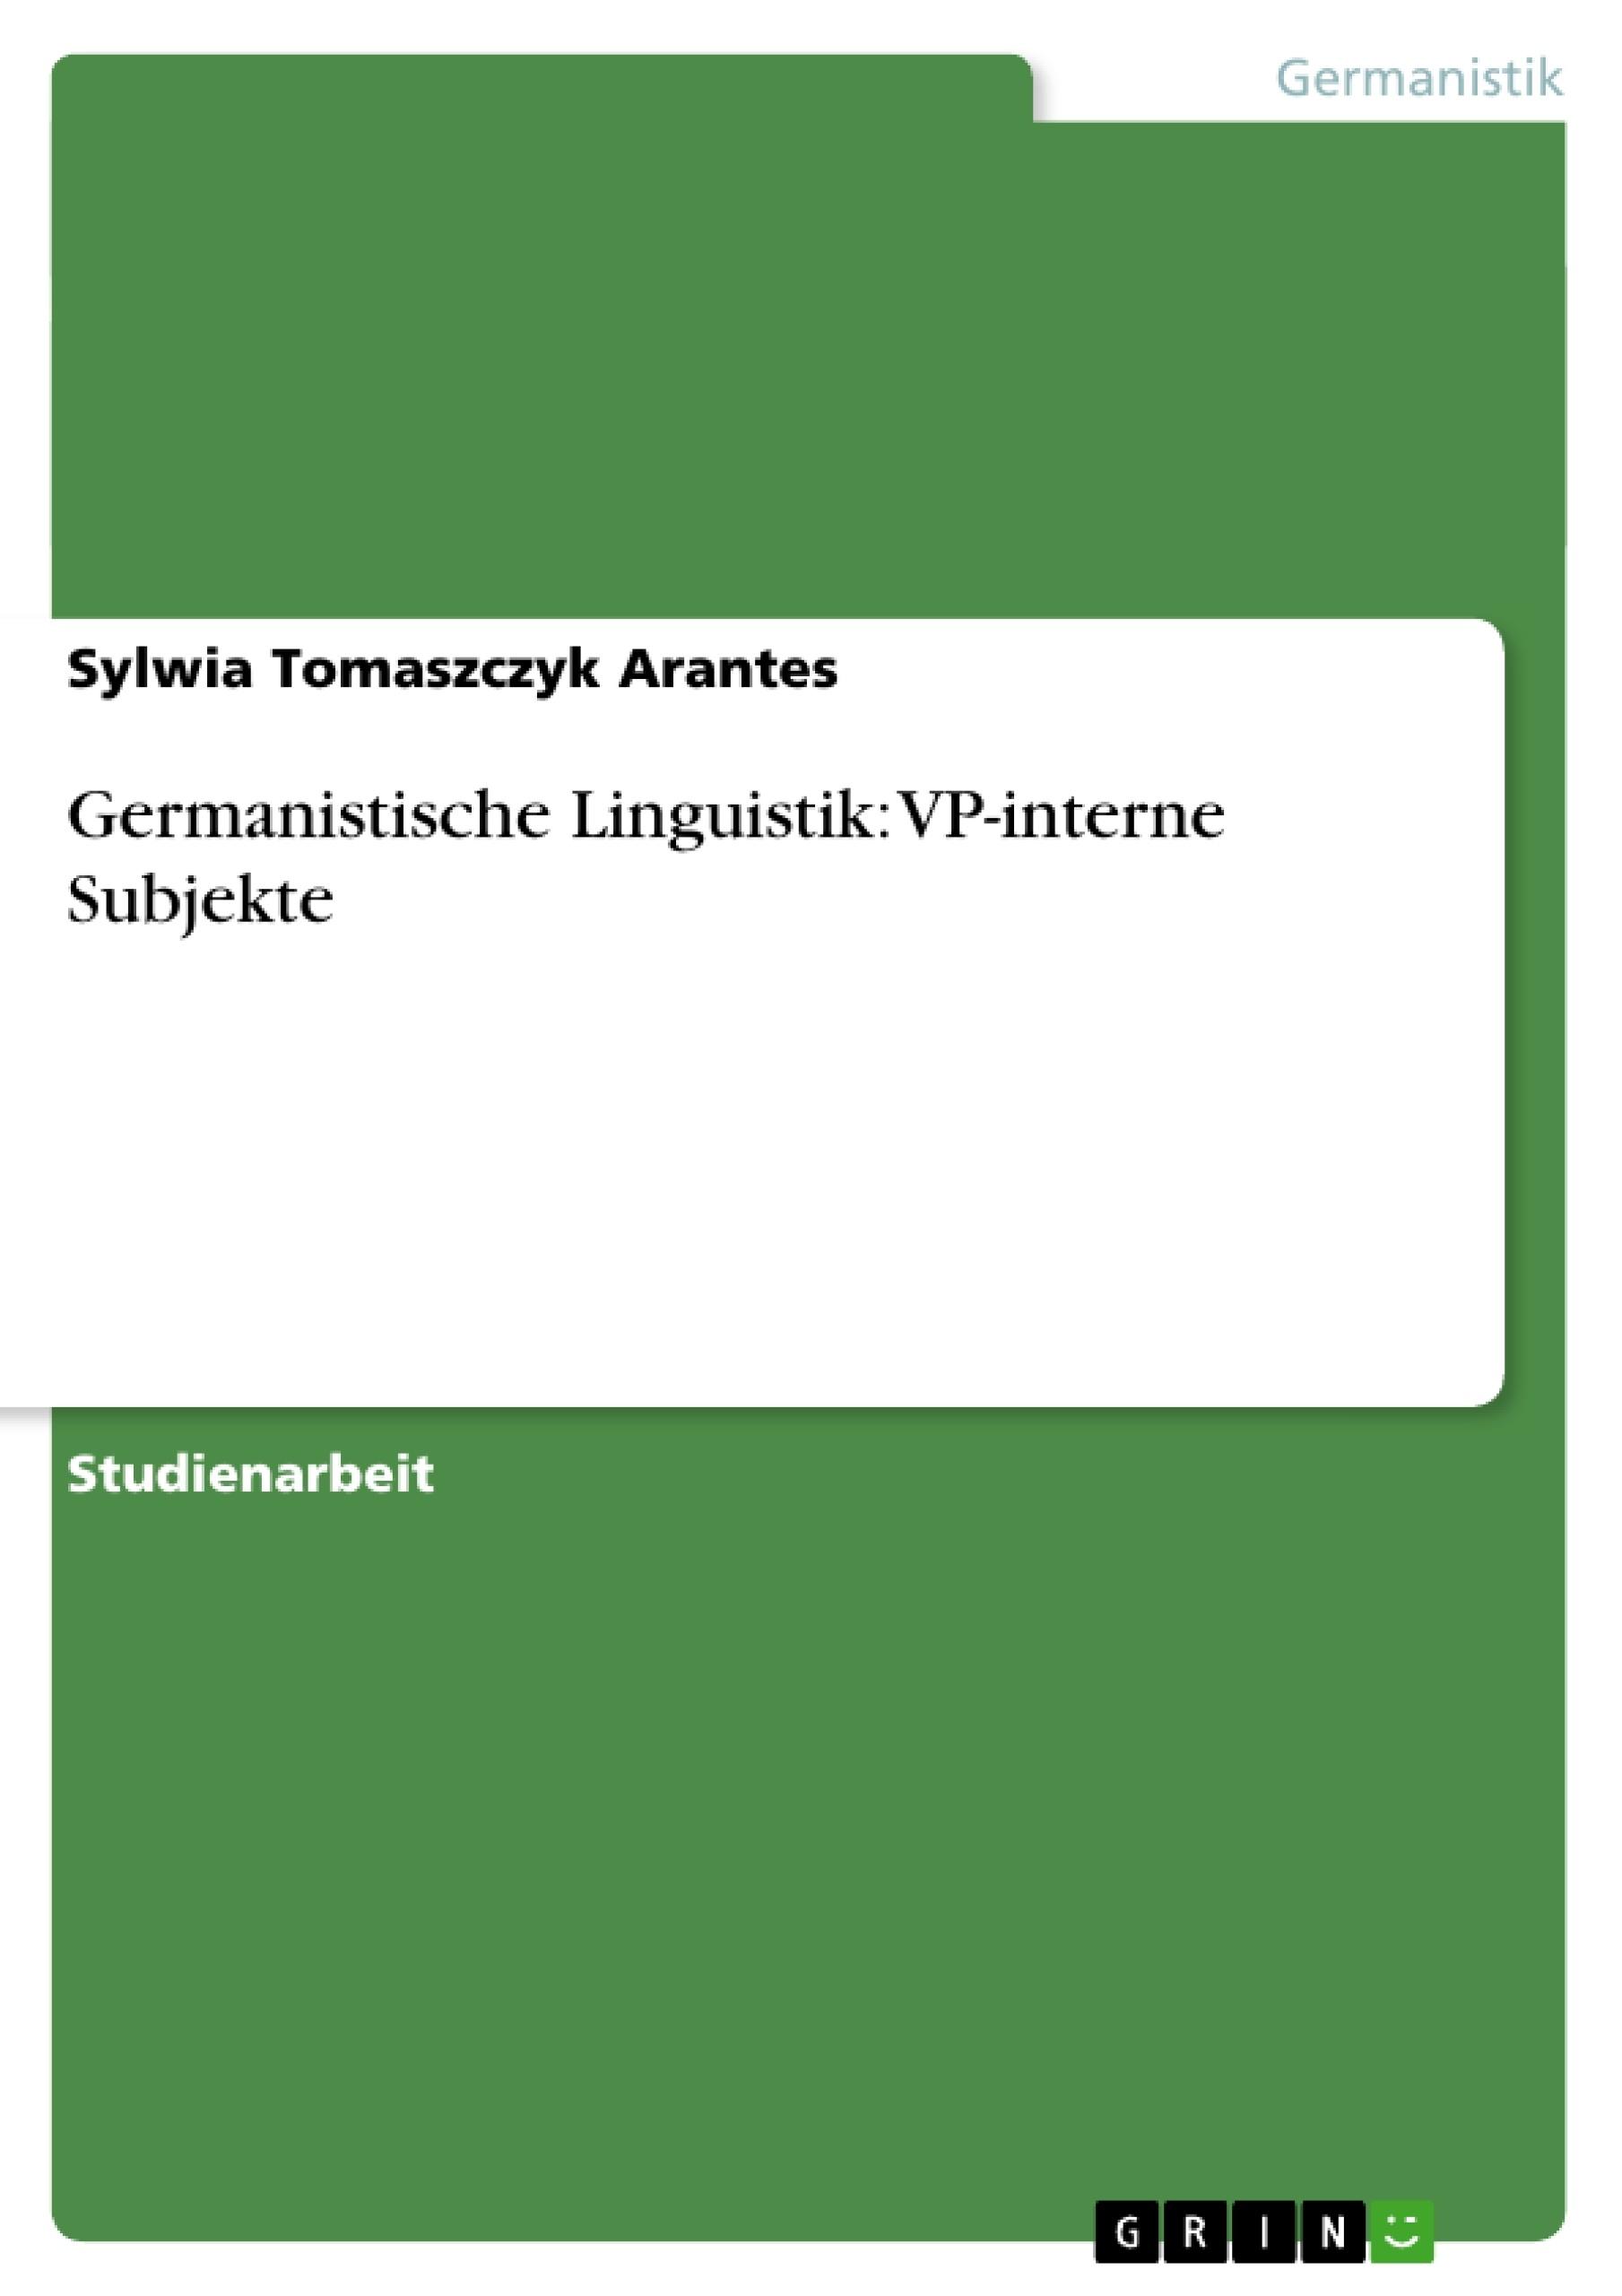 Titel: Germanistische Linguistik: VP-interne Subjekte